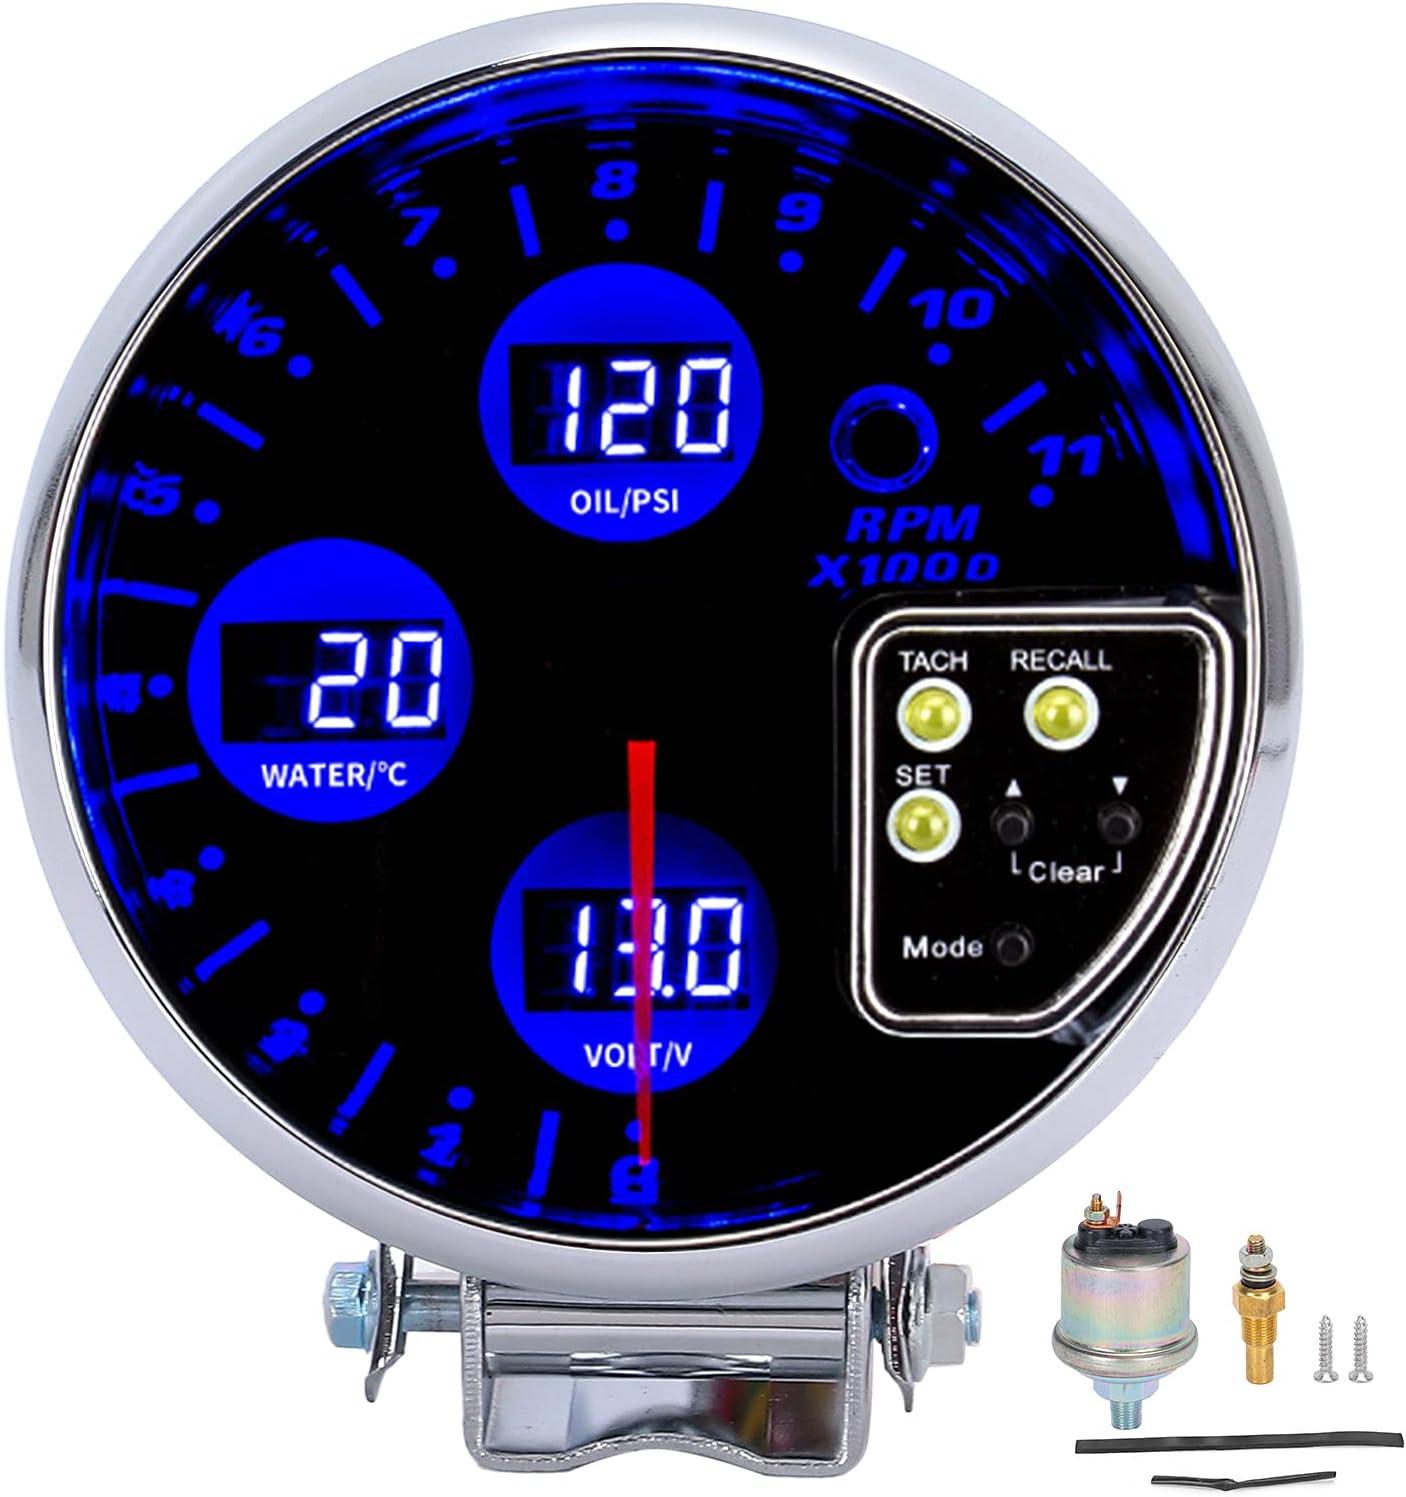 Medidor 4 en 1, 5 en 4 en 1, temperatura del agua, medidor de presión de aceite, voltímetro, tacómetro, luz de fondo azul, puntero rojo para cilindro de 12V 4/6/8